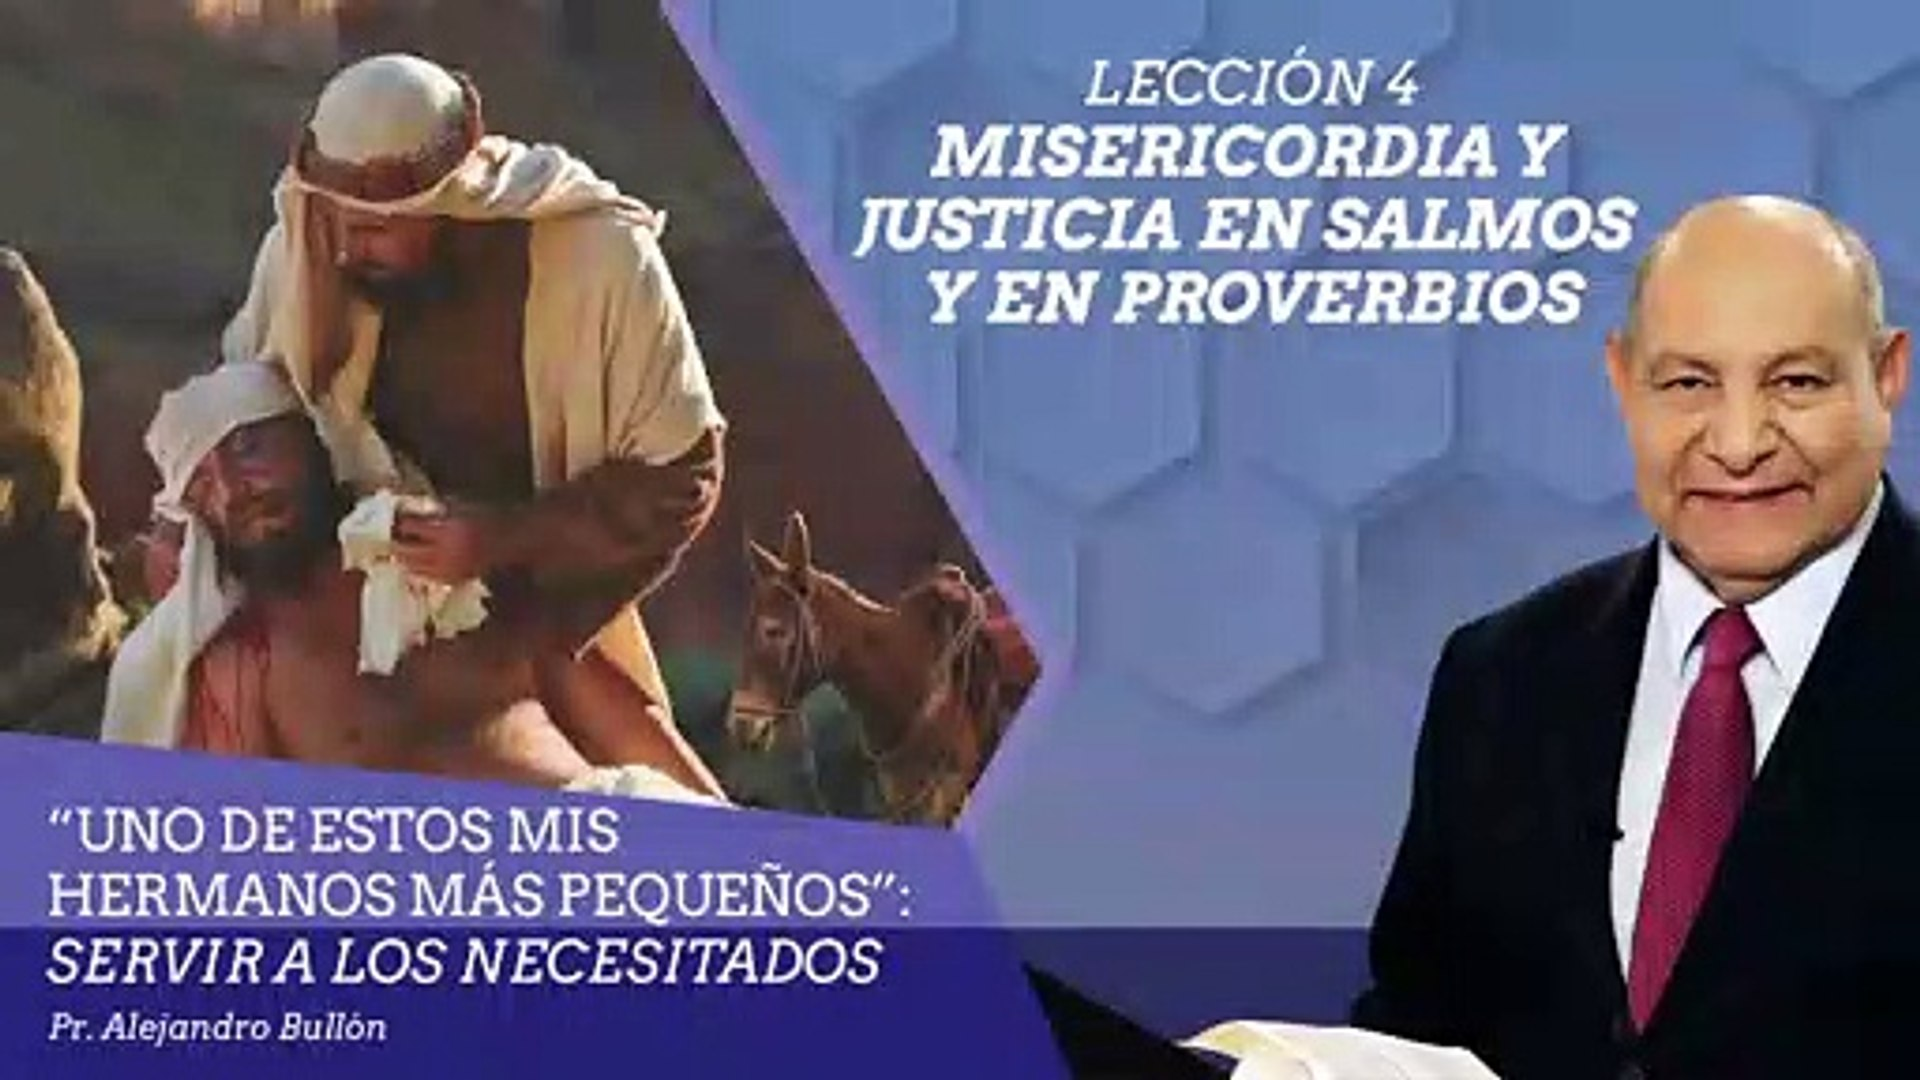 Lección 4: Misericordia y justicia en Salmos y en Proverbios - Ptr. Alejandro Bullón